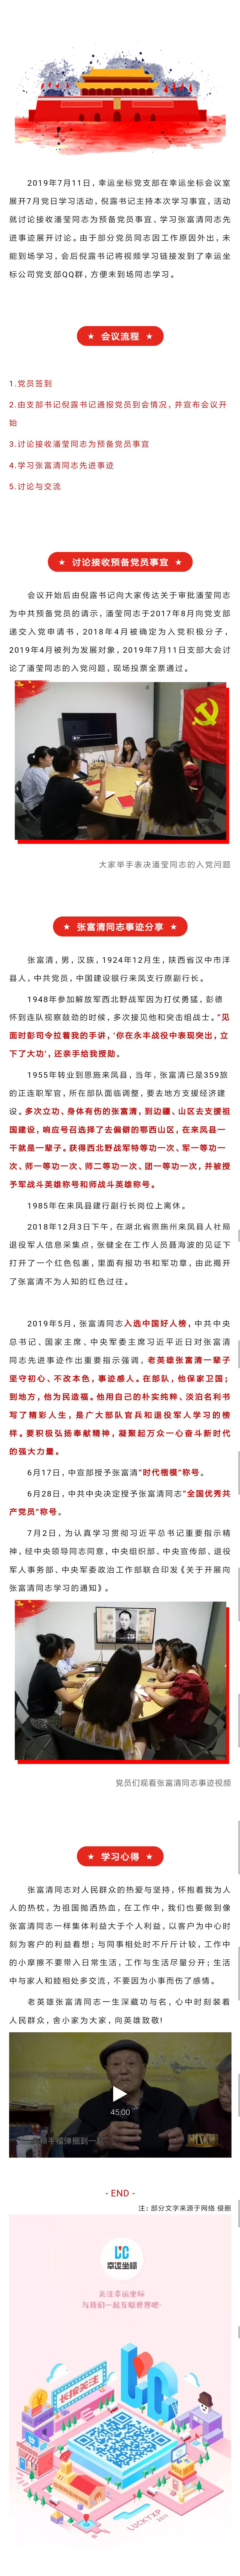 【党建小课堂】不忘初心,牢记使命--幸运坐标七月党日活动-07-30.jpg